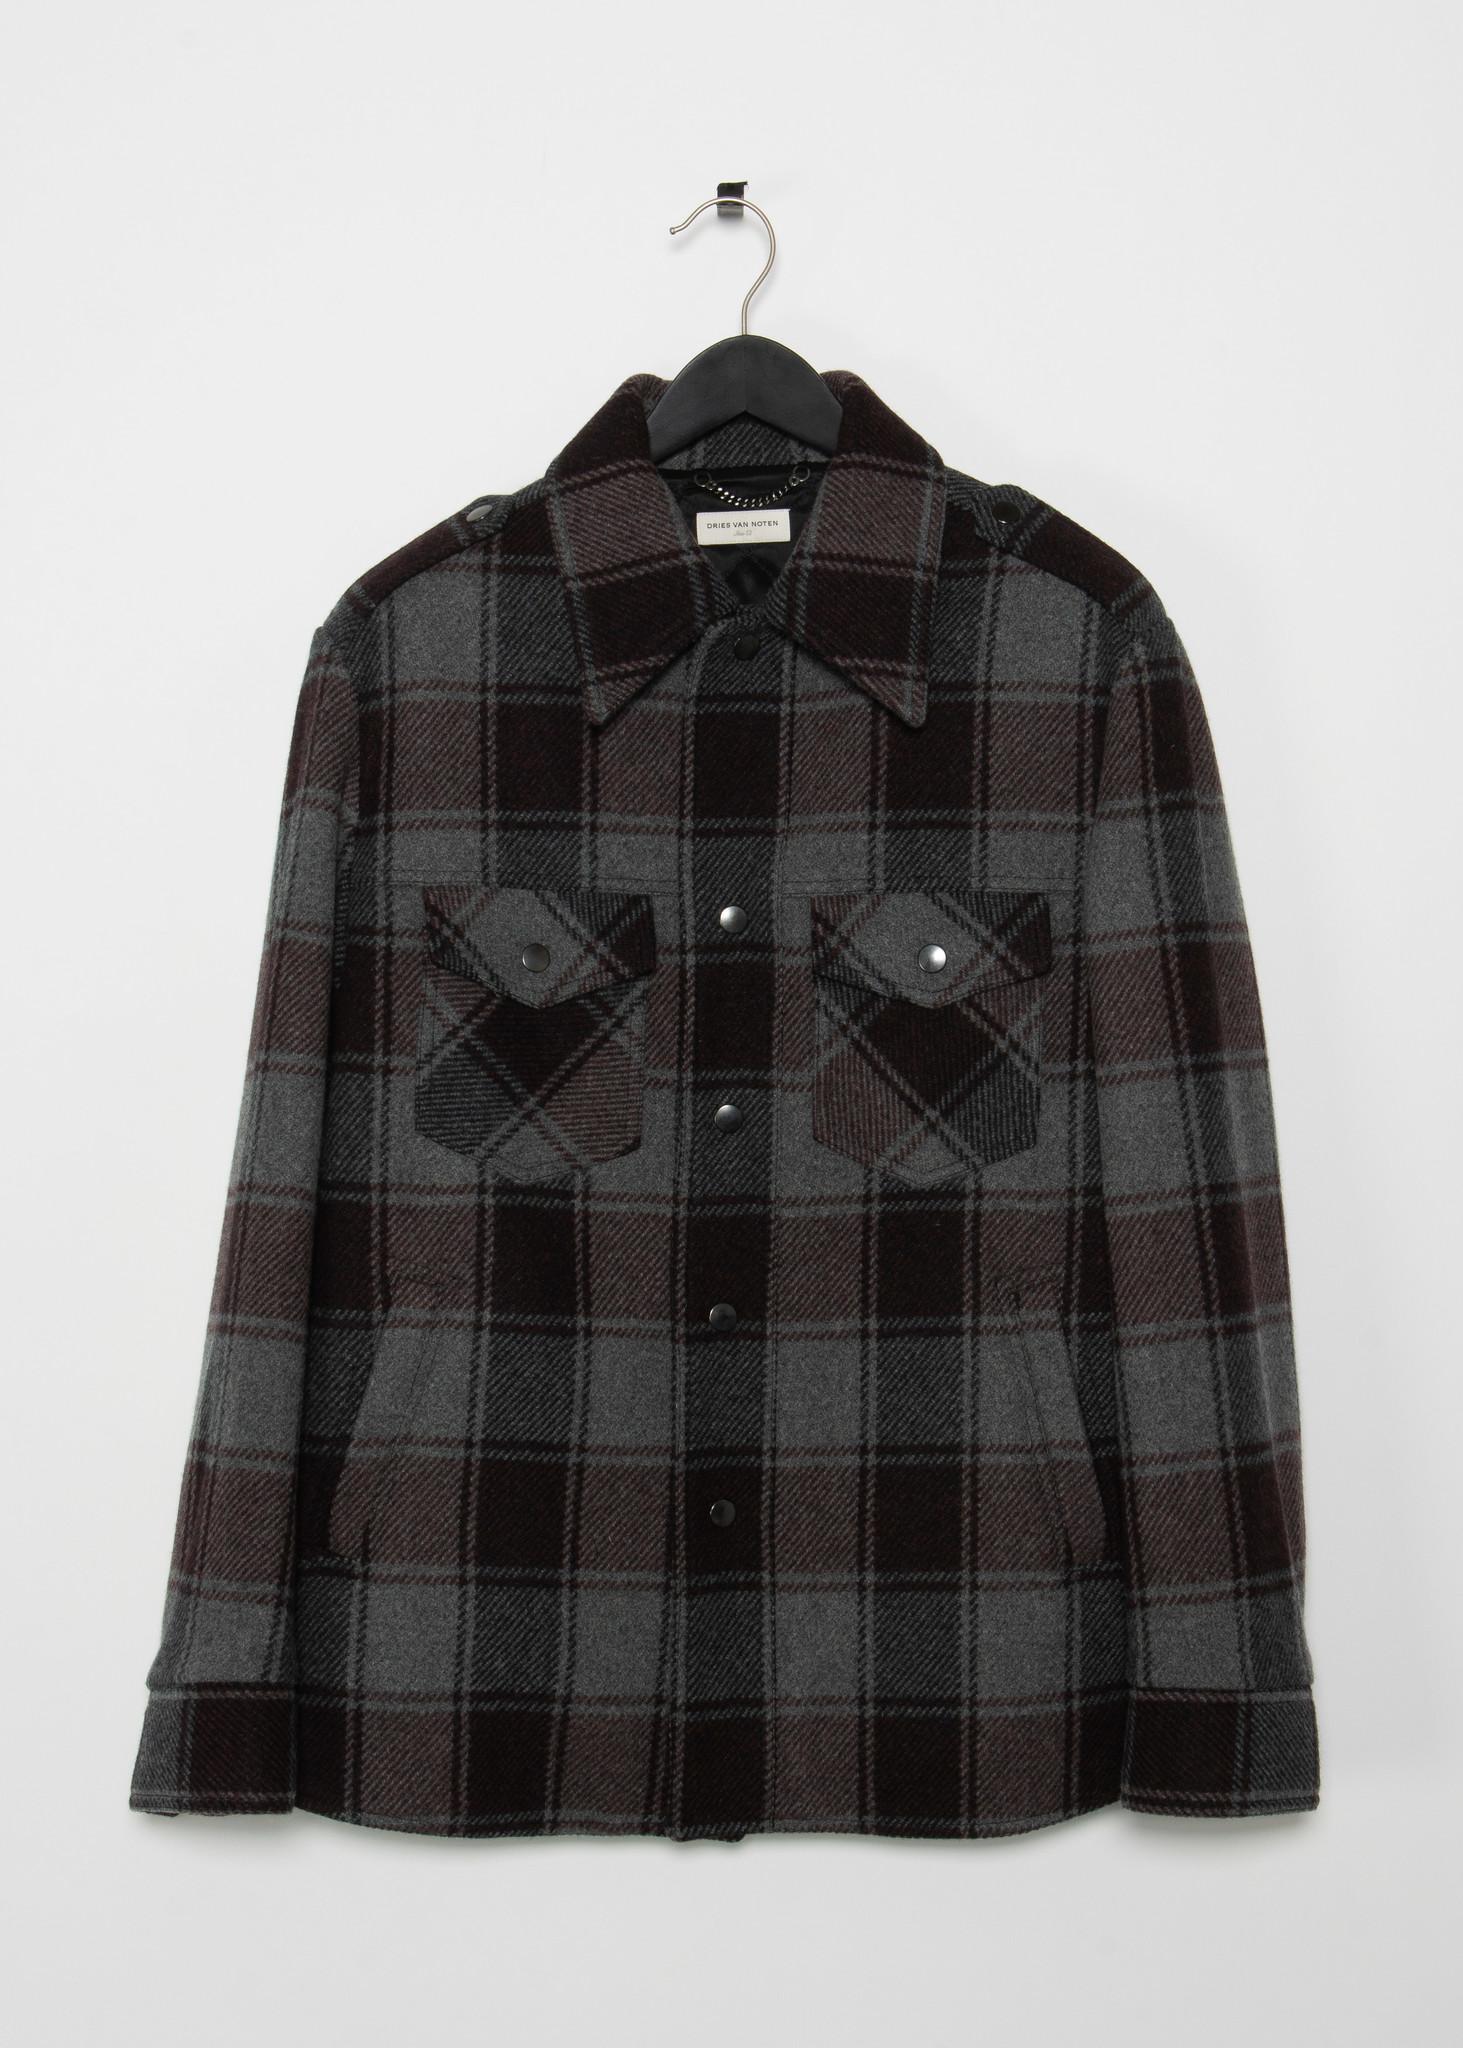 Grey Wool Check Jacket